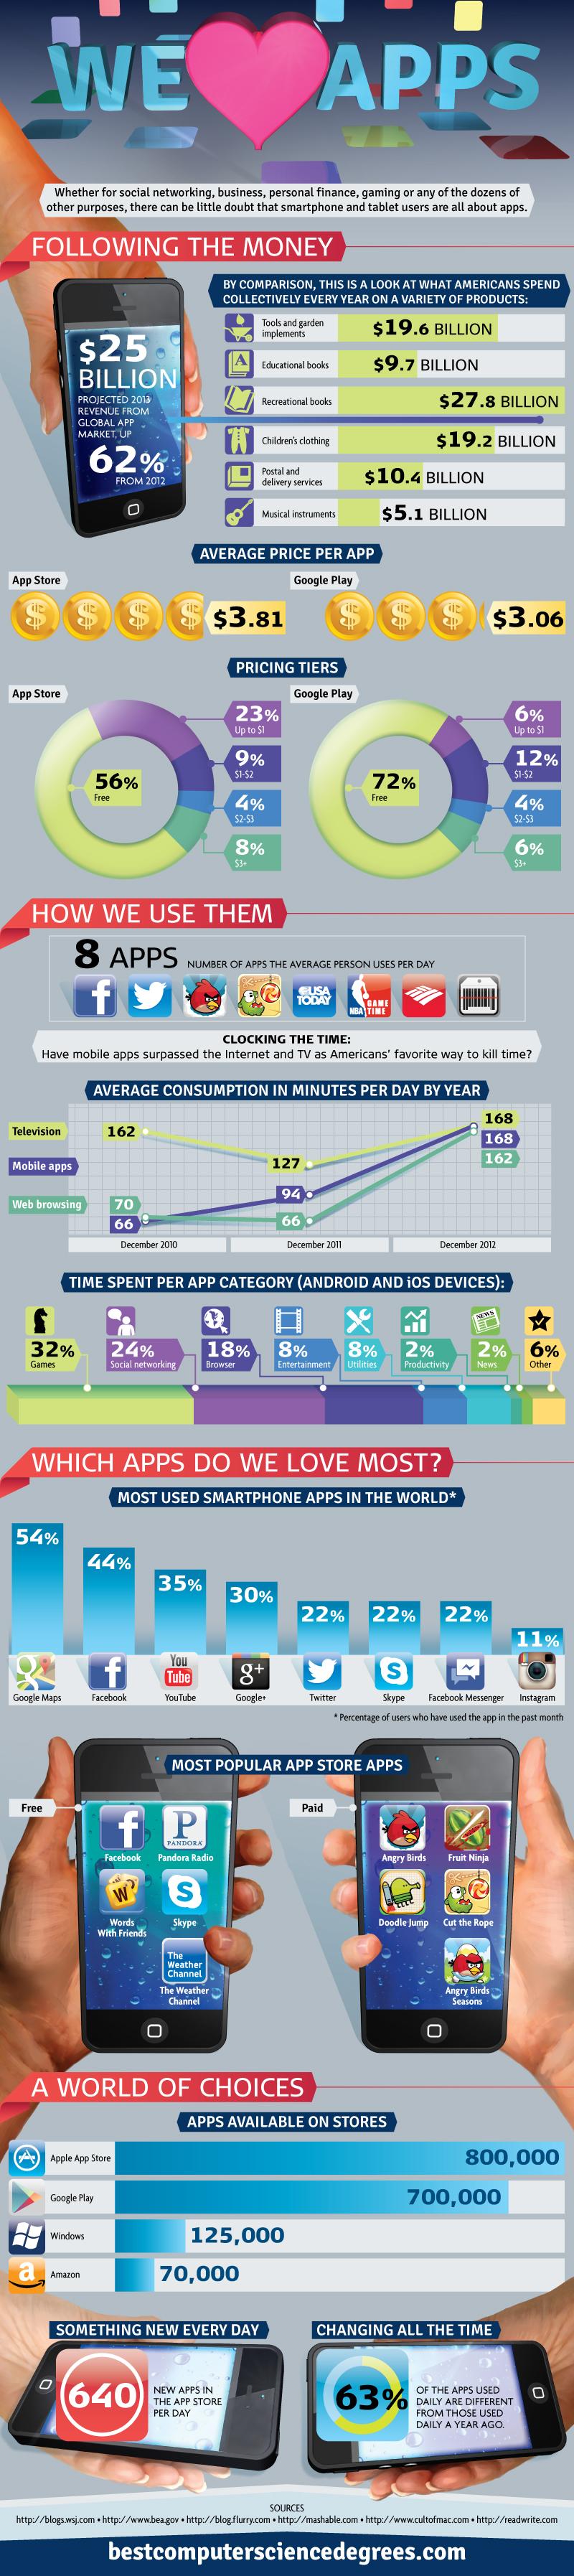 We Love Apps